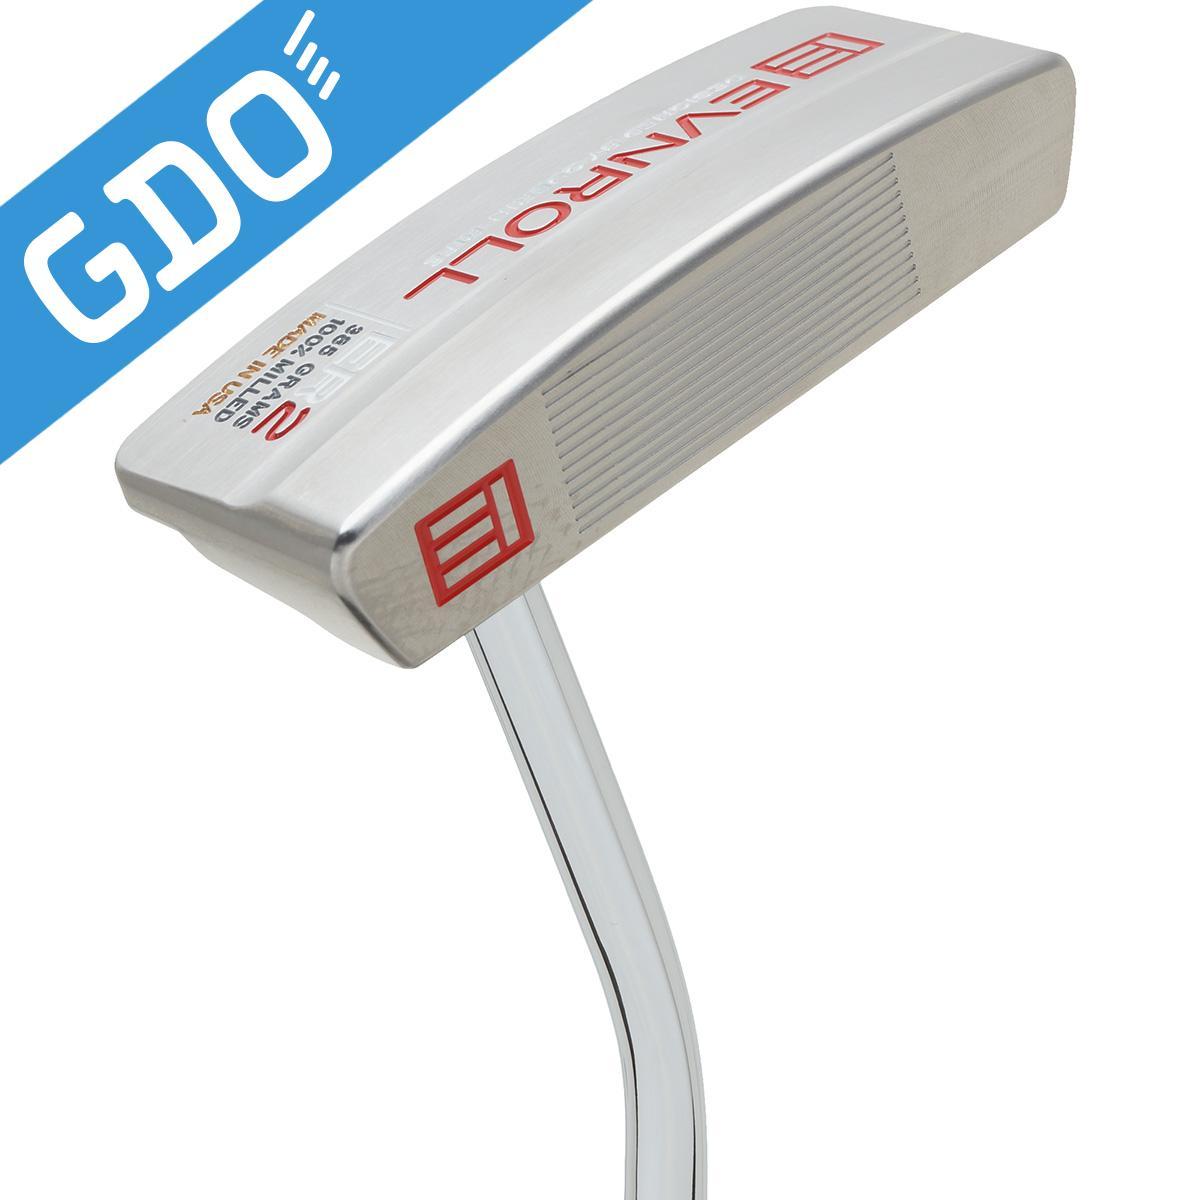 イーブンロール EVNROLL ER2 パター シャフト:FST.370 シングルベンド[ゴルフ用品 ゴルフ ボール ゴルフボール golf gdo プレゼント ギフト 通販 ]